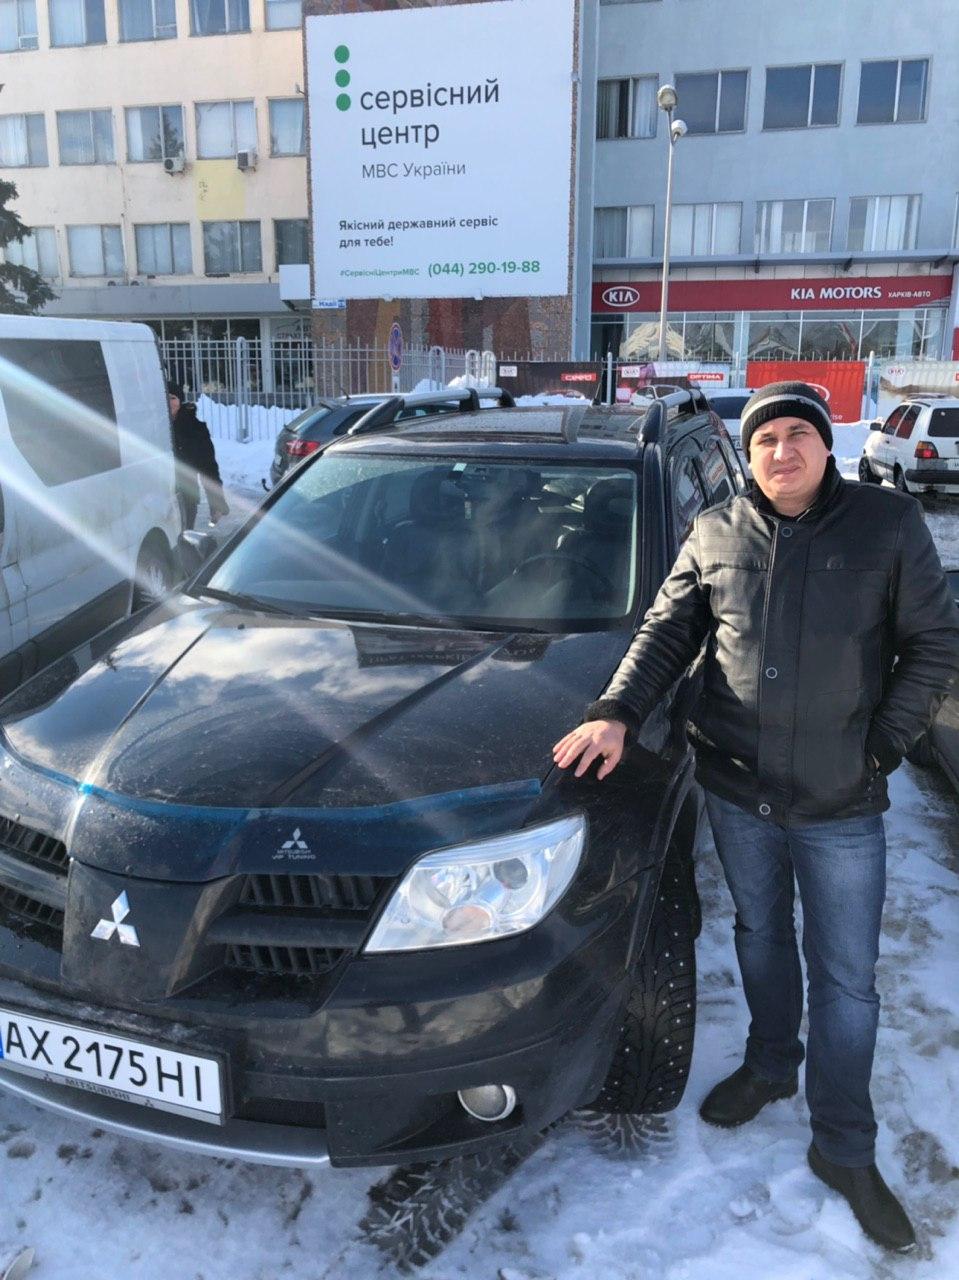 Auto-fit / Помощь в покупке автомобилей по Украине 2